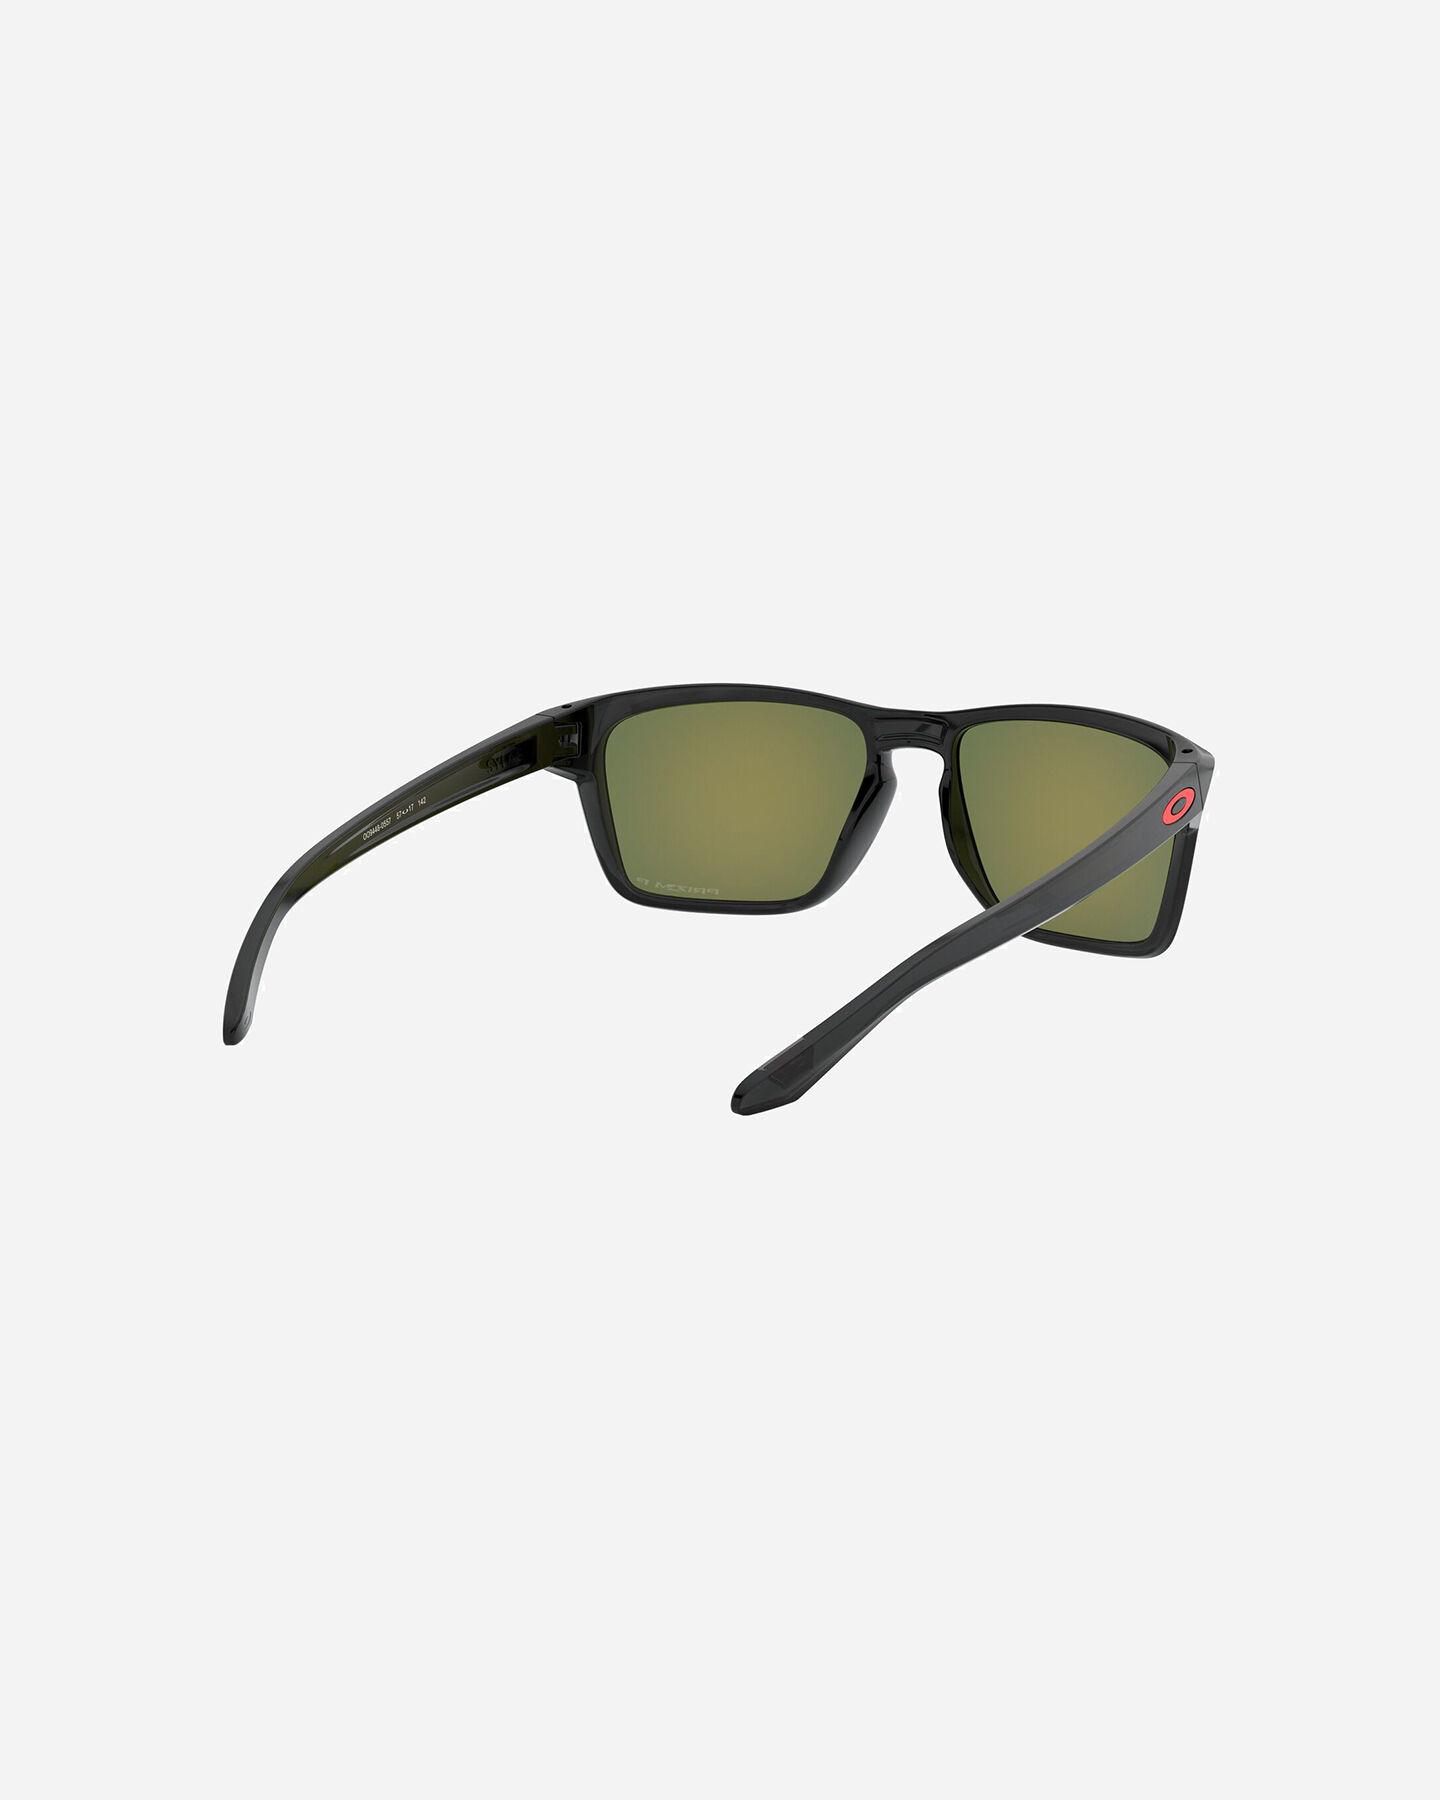 Occhiali OAKLEY SYLAS S5221237|0557|57 scatto 2